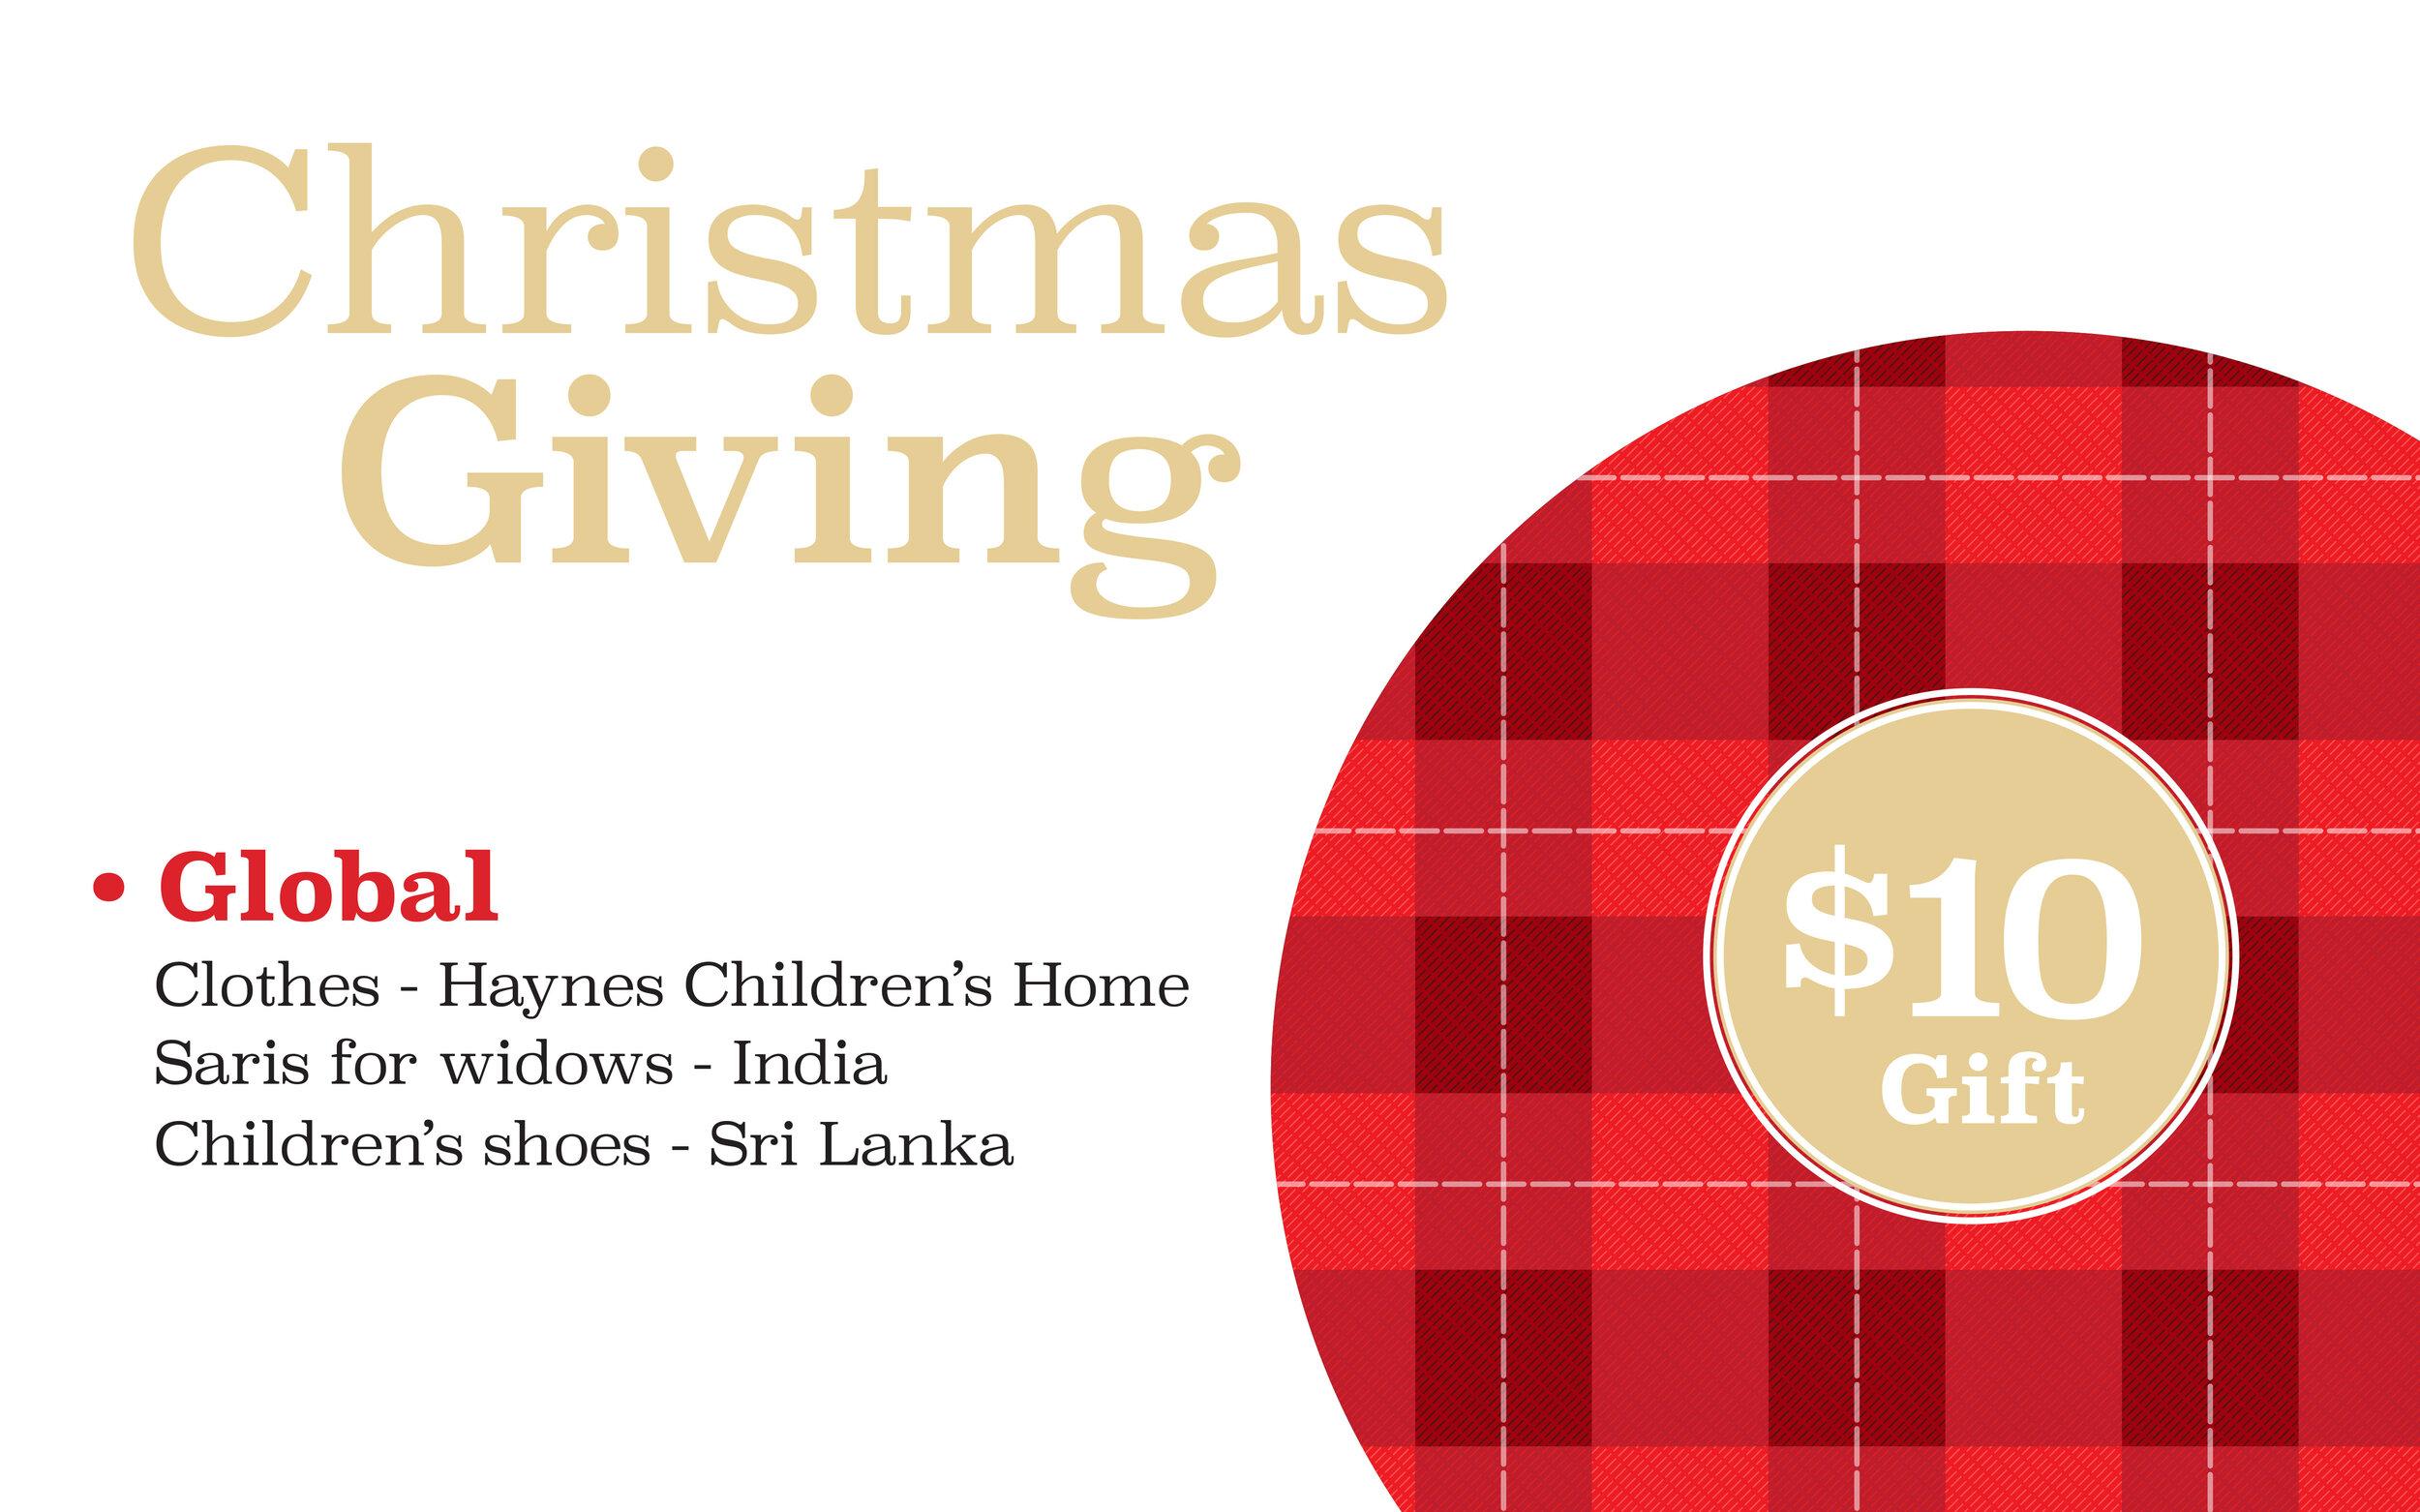 Christmas-Giving-online-giving-global.jpg